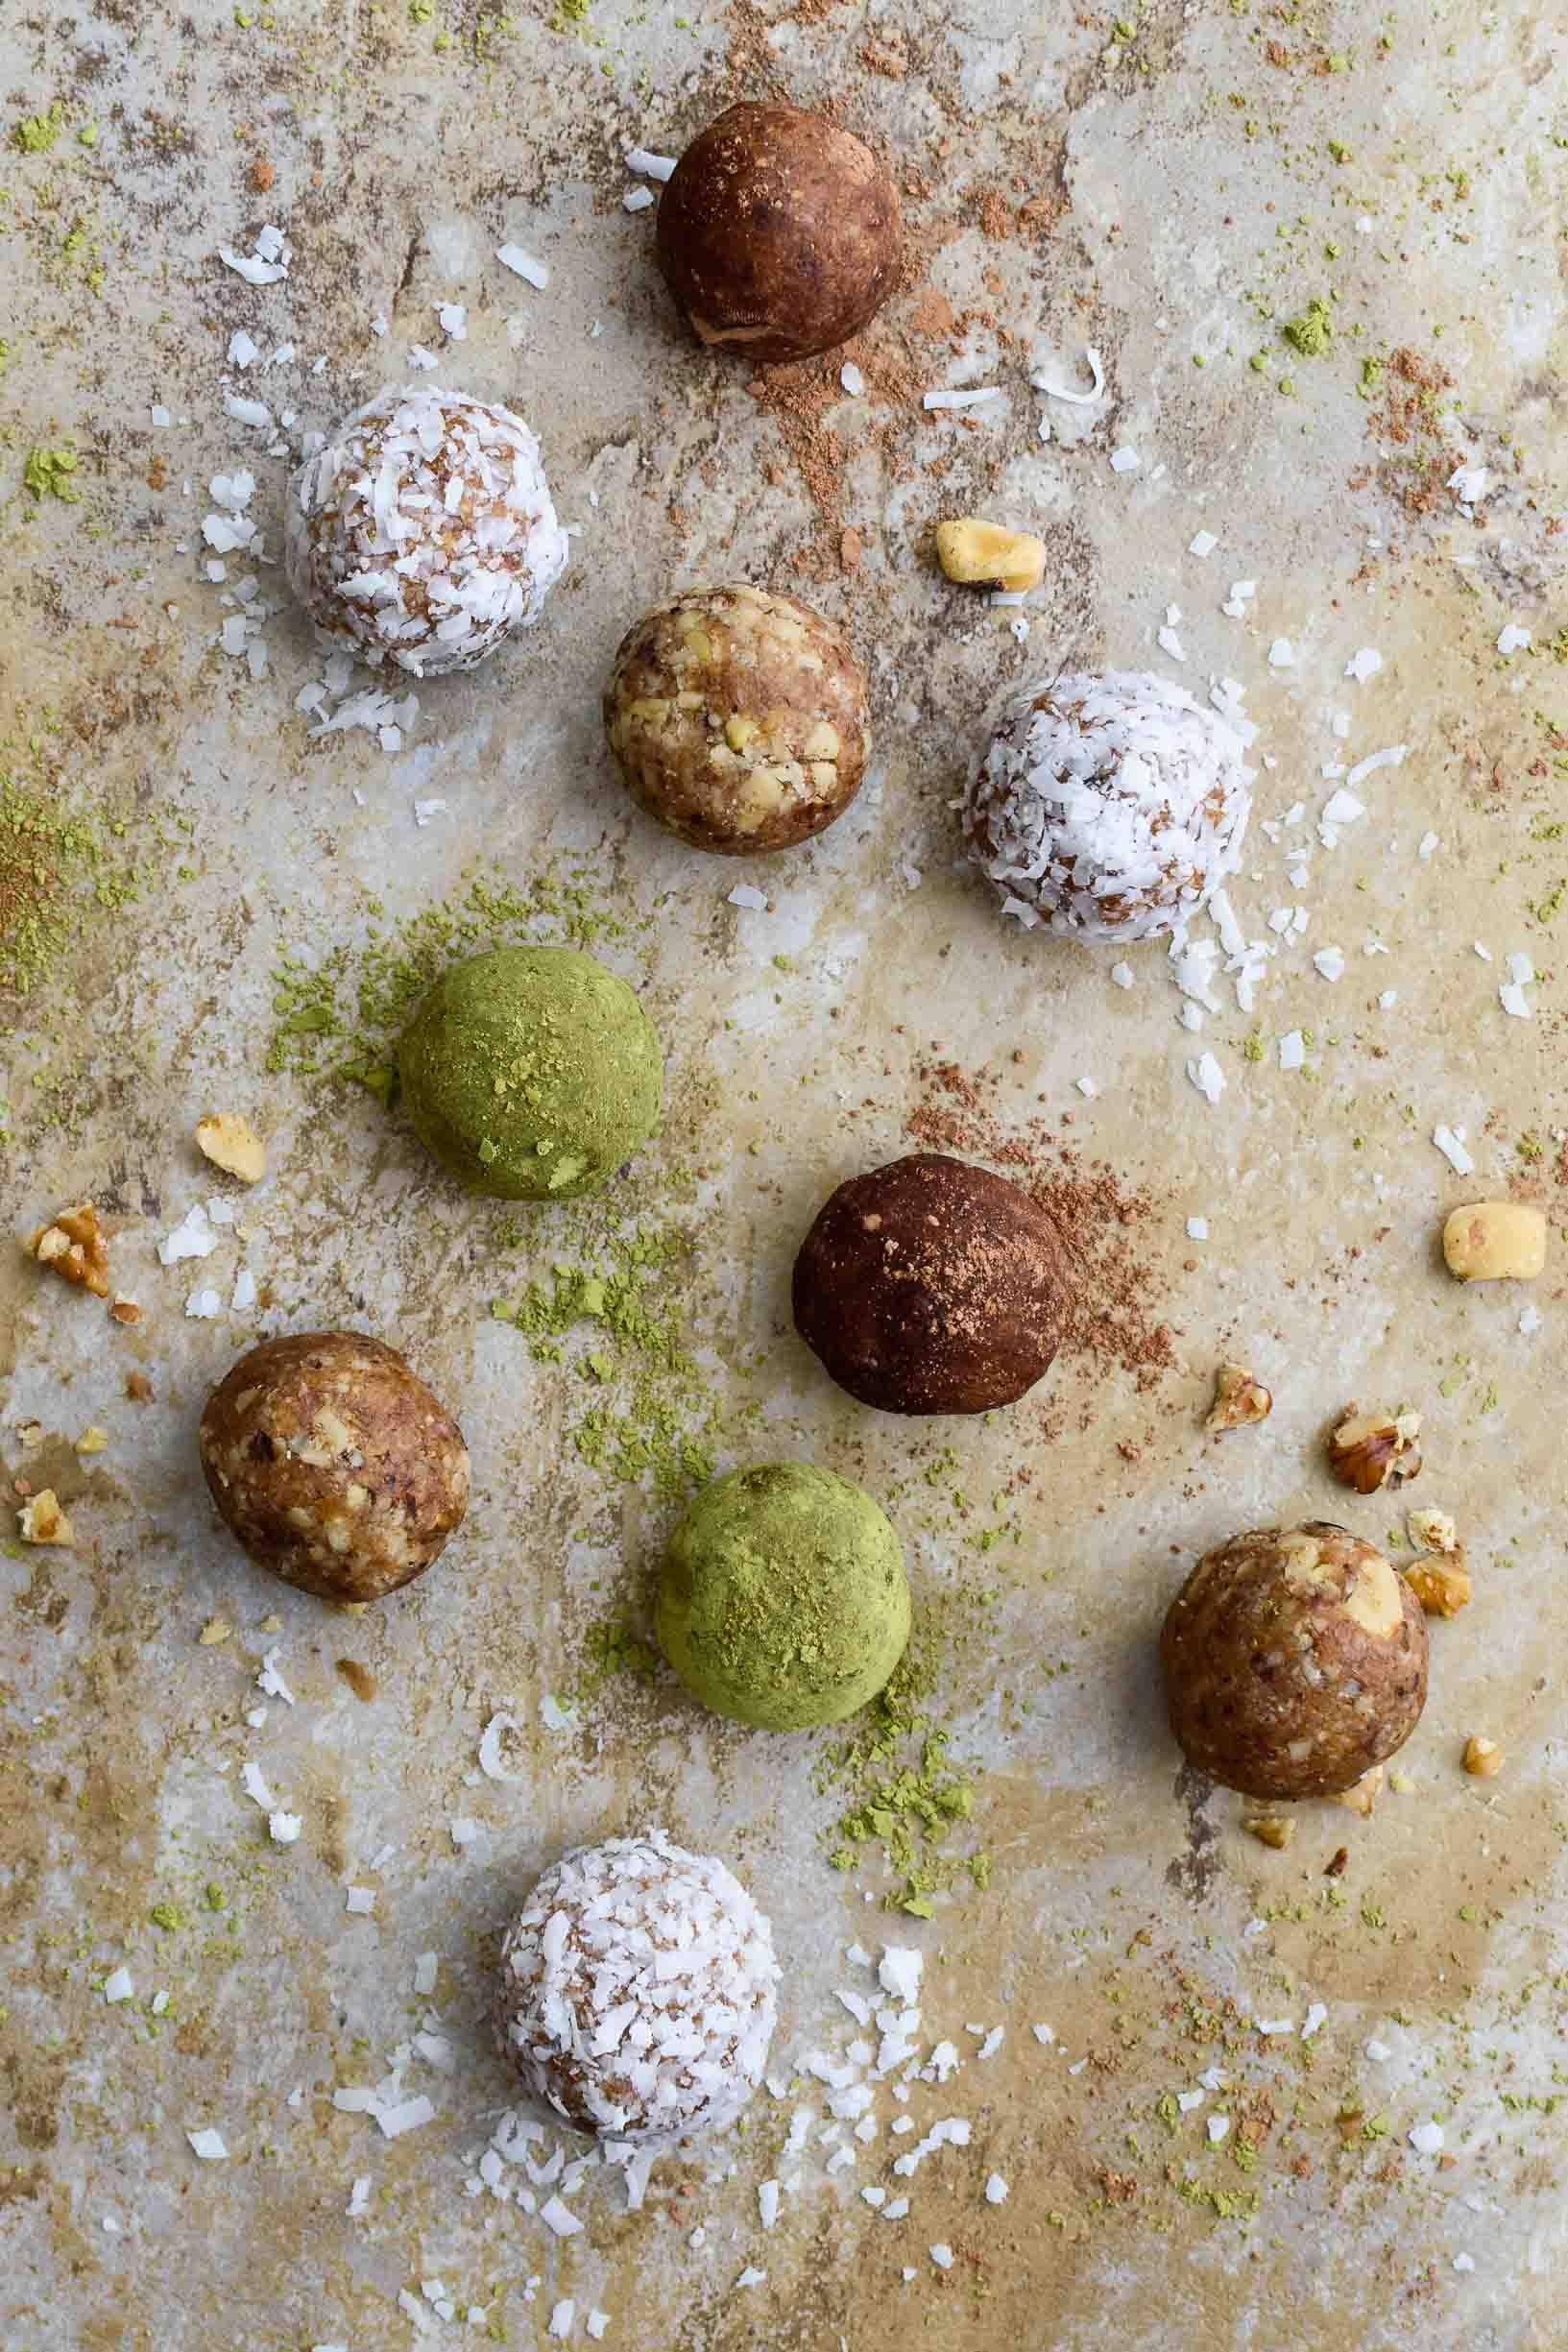 Bliss Balls - Pepper Delight #pepperdelightblog #recipe #blissballs #healthy #energyballs #snack #postworkoutsnack #cleaneating #vegan #glutenfree #breakfast #kidssnack #lunchsnack #dessert